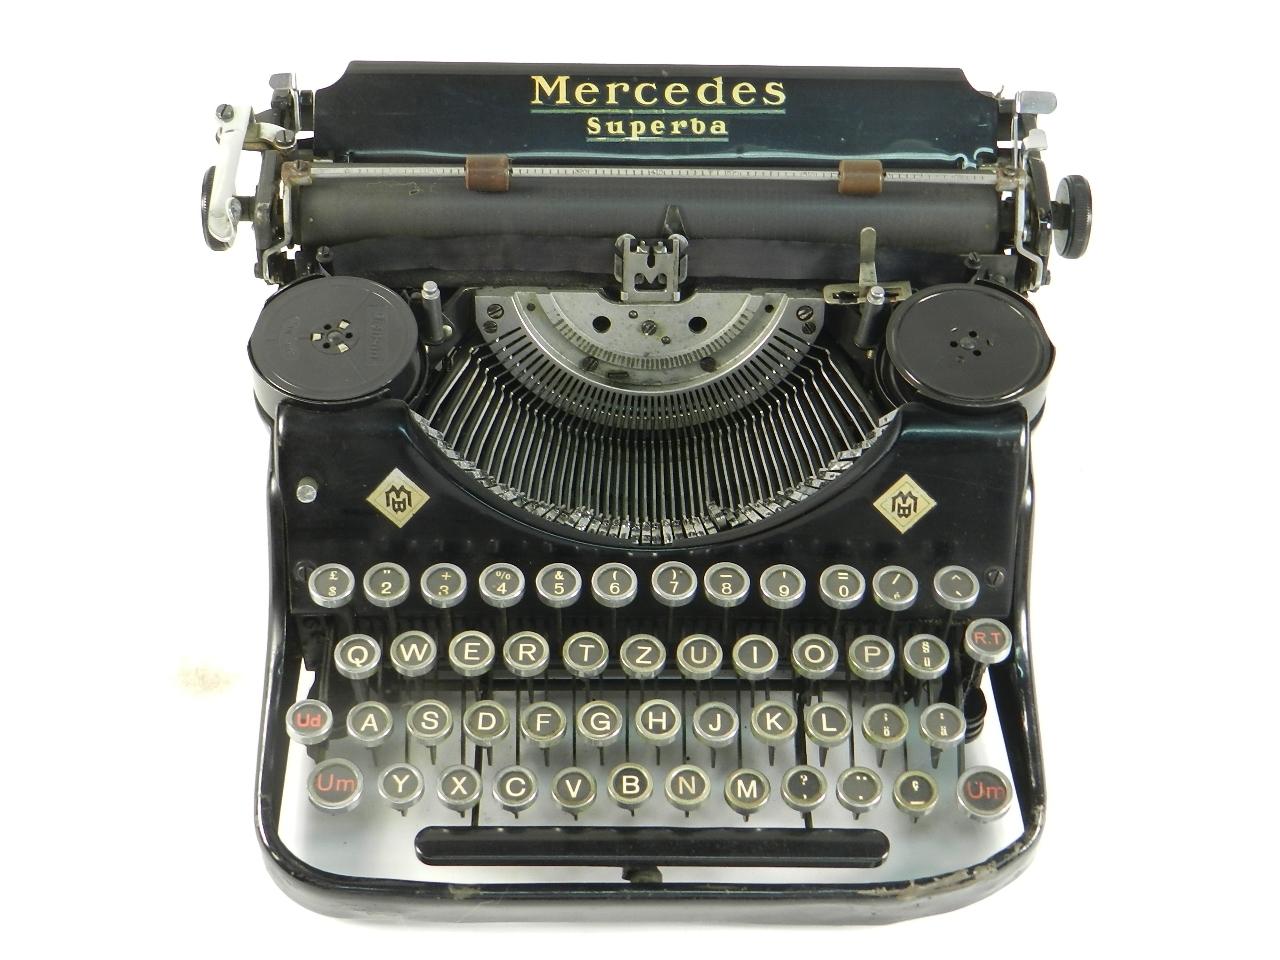 Imagen MERCEDES SUPERBA AÑO 1936 29533